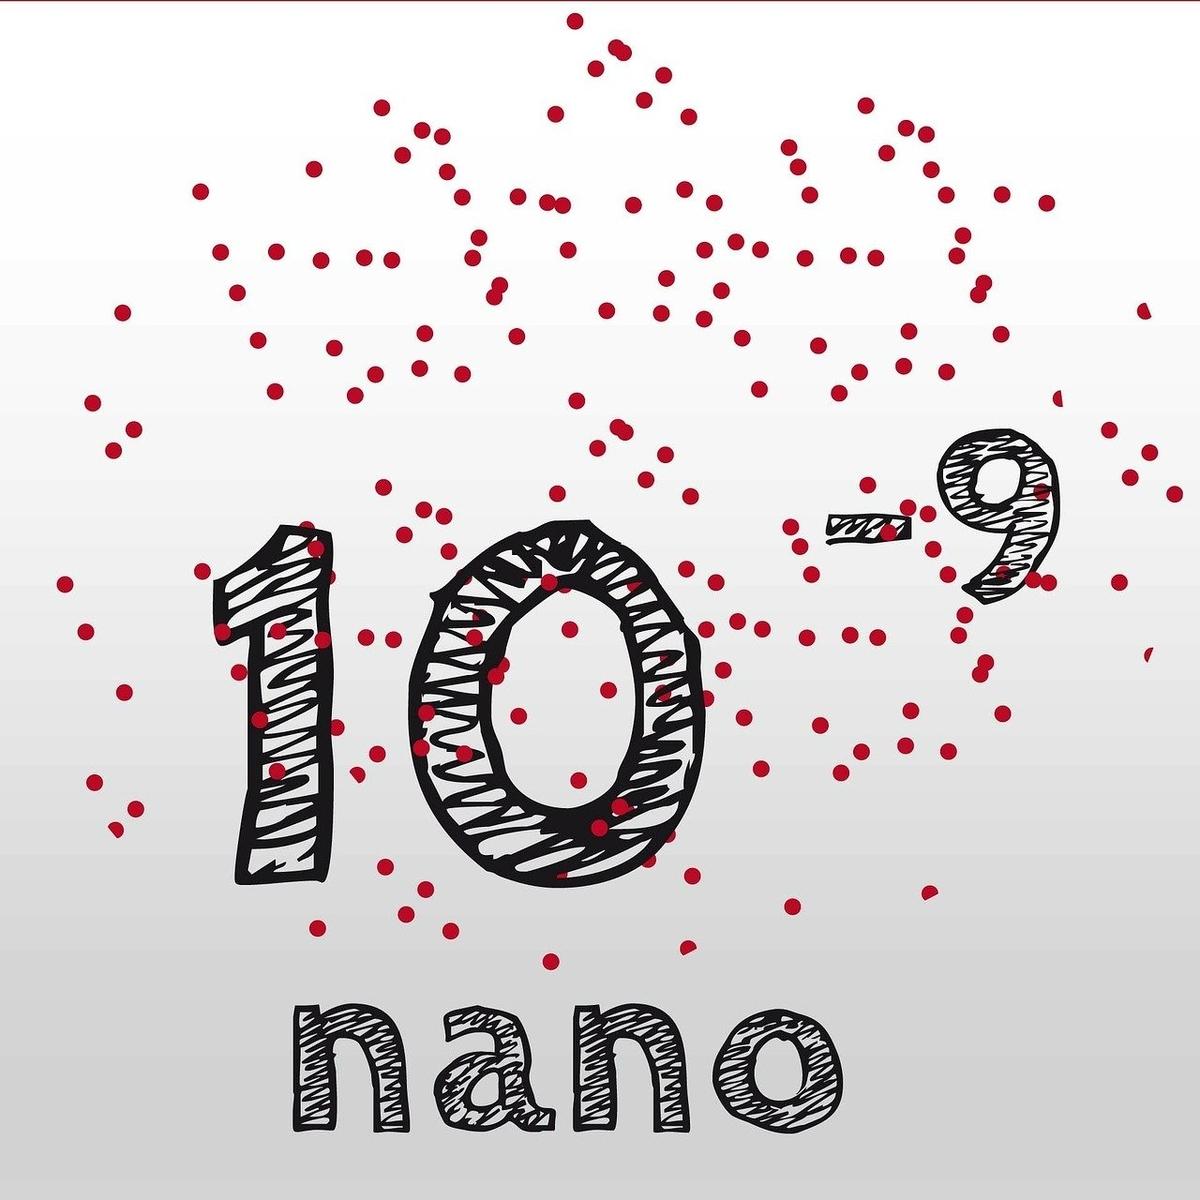 ナノテクノロジーを駆使した育毛剤に発毛効果はあるか?